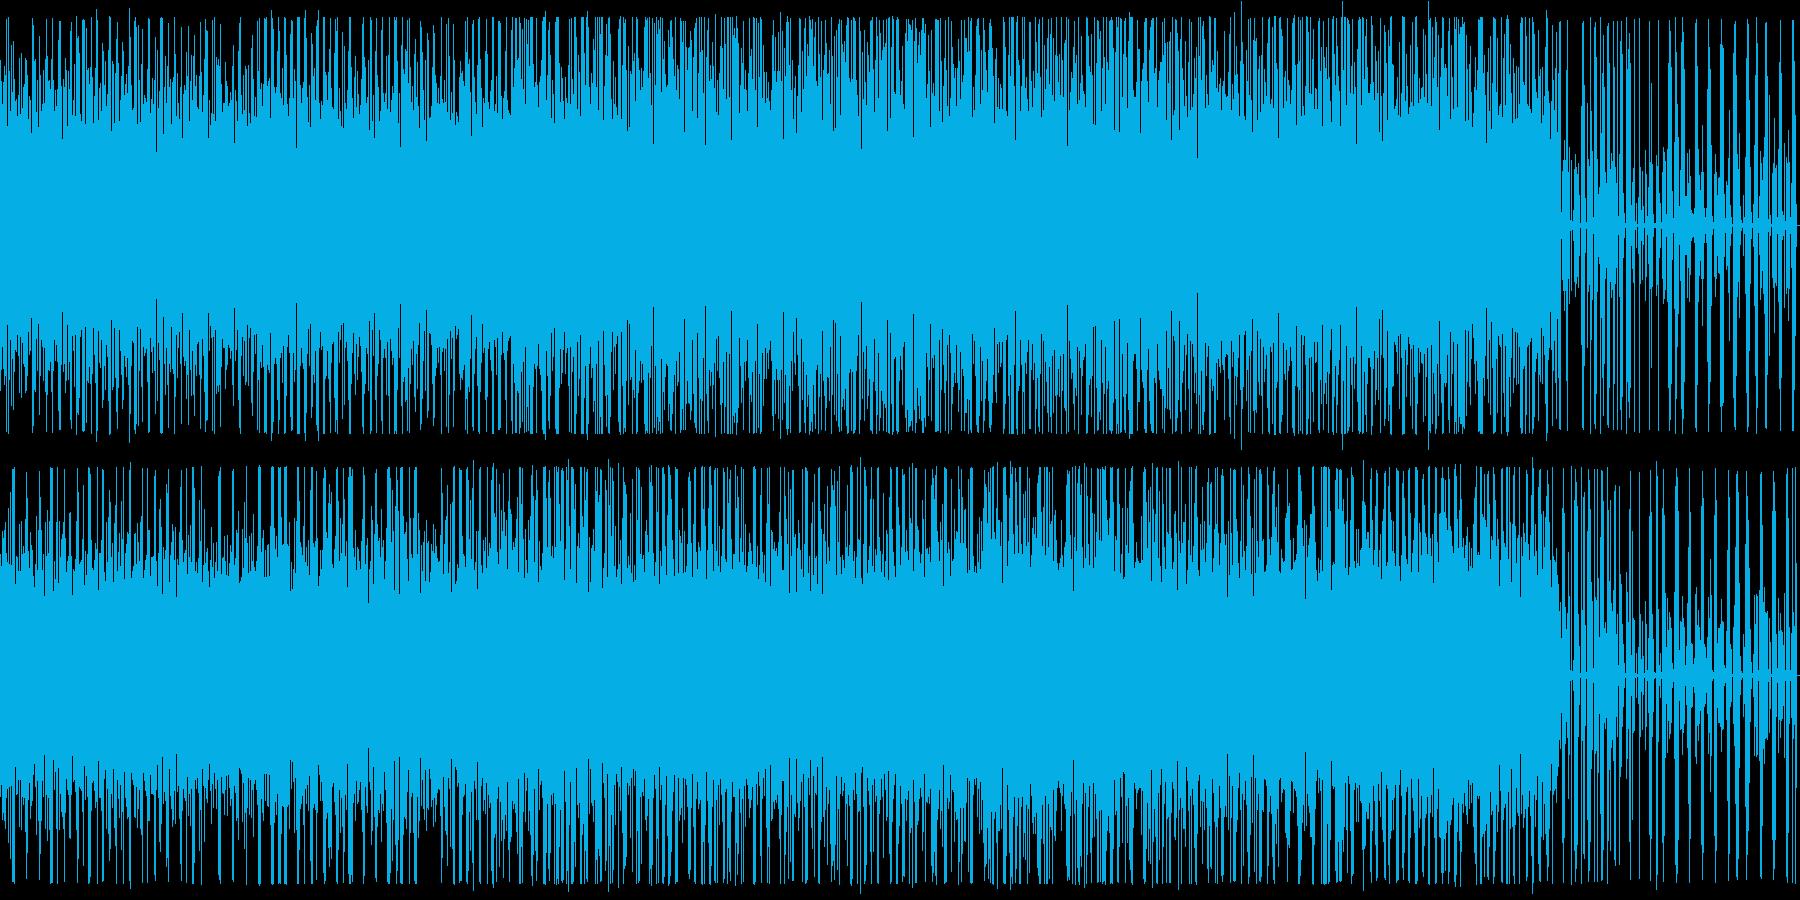 ピアノとノイズのエレクトロニカ Cの再生済みの波形